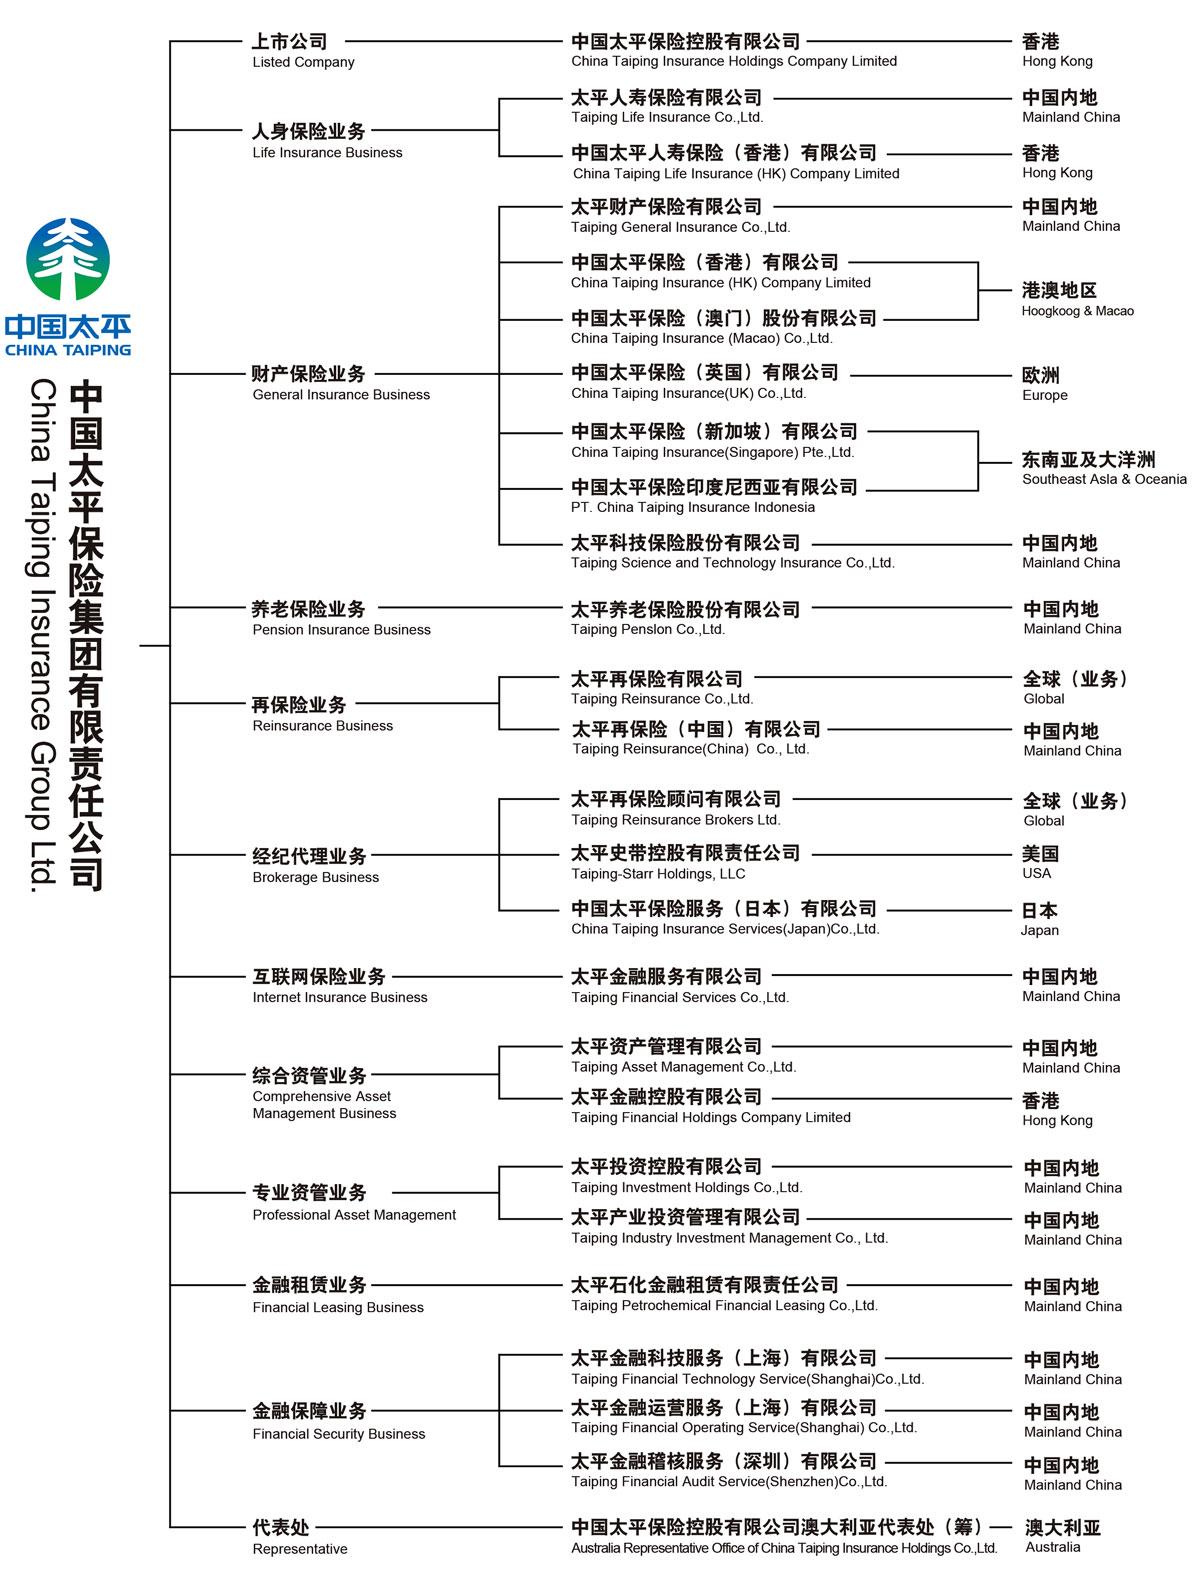 中國太平集團架構